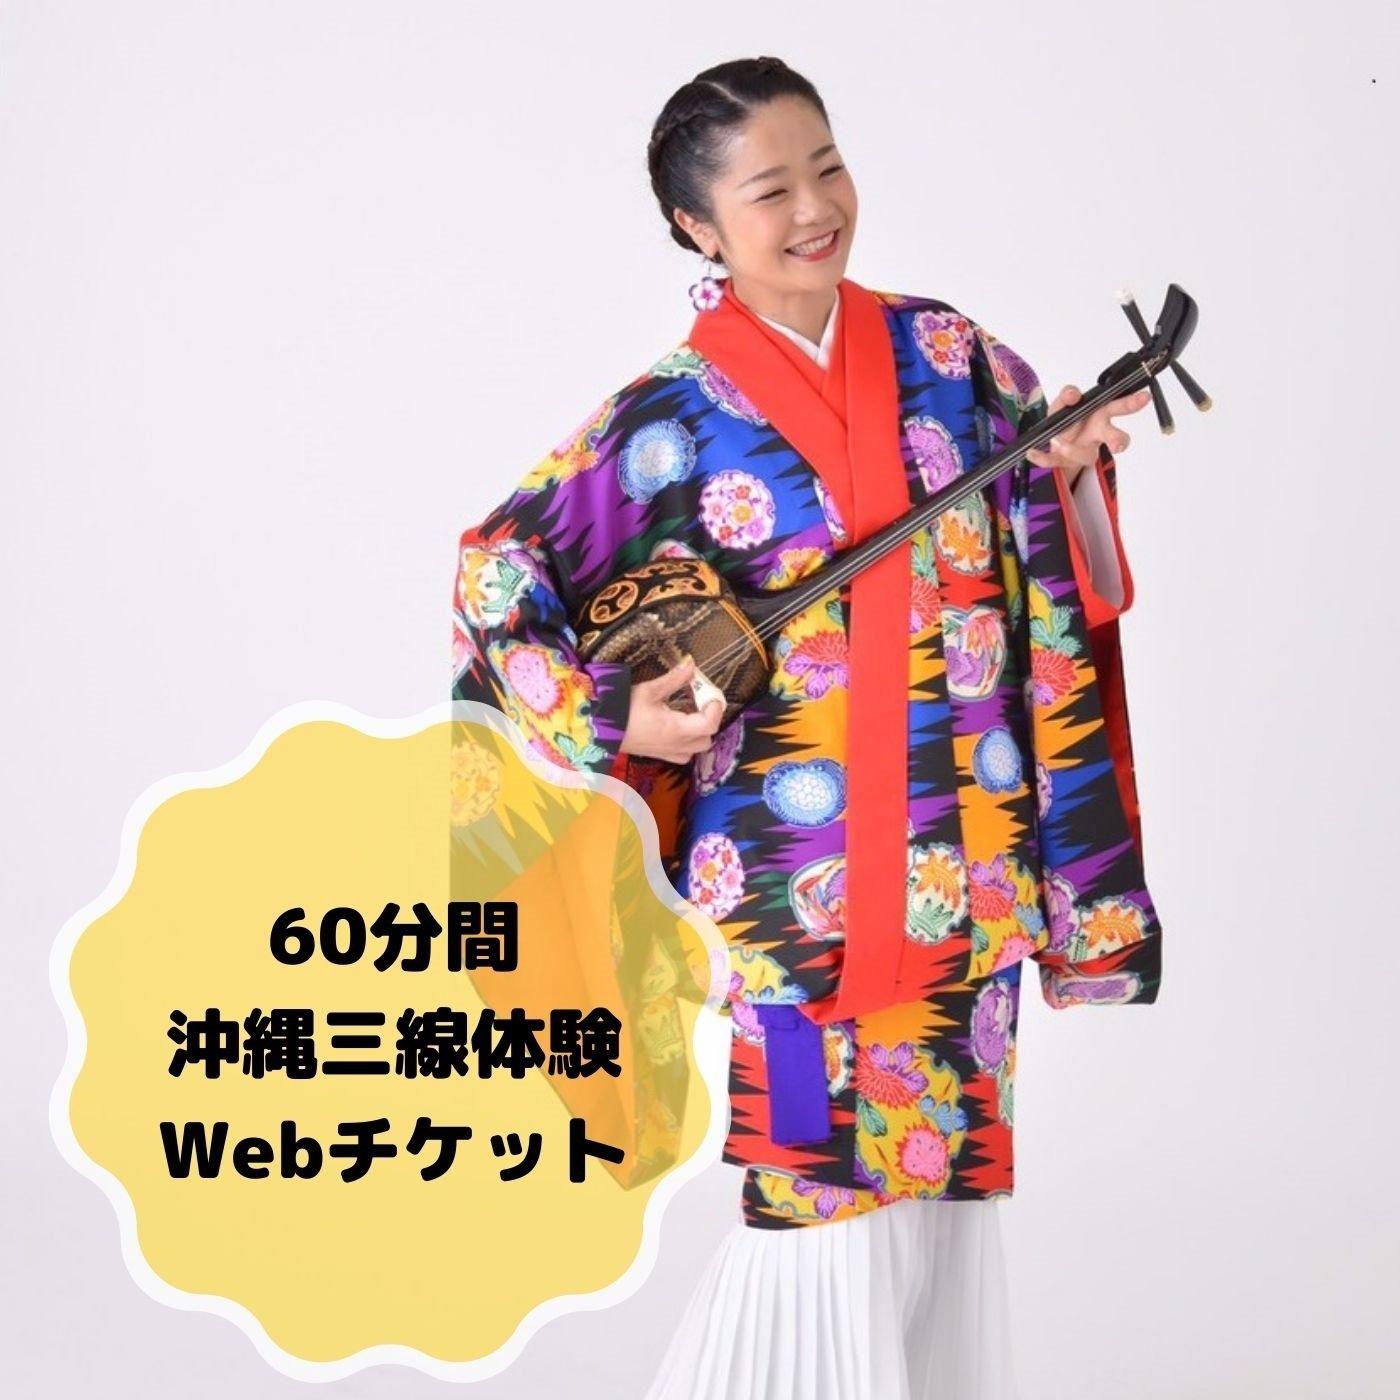 【沖縄三線60分体験プラン】三線教師のオーナーが優しく教えます♪のイメージその1